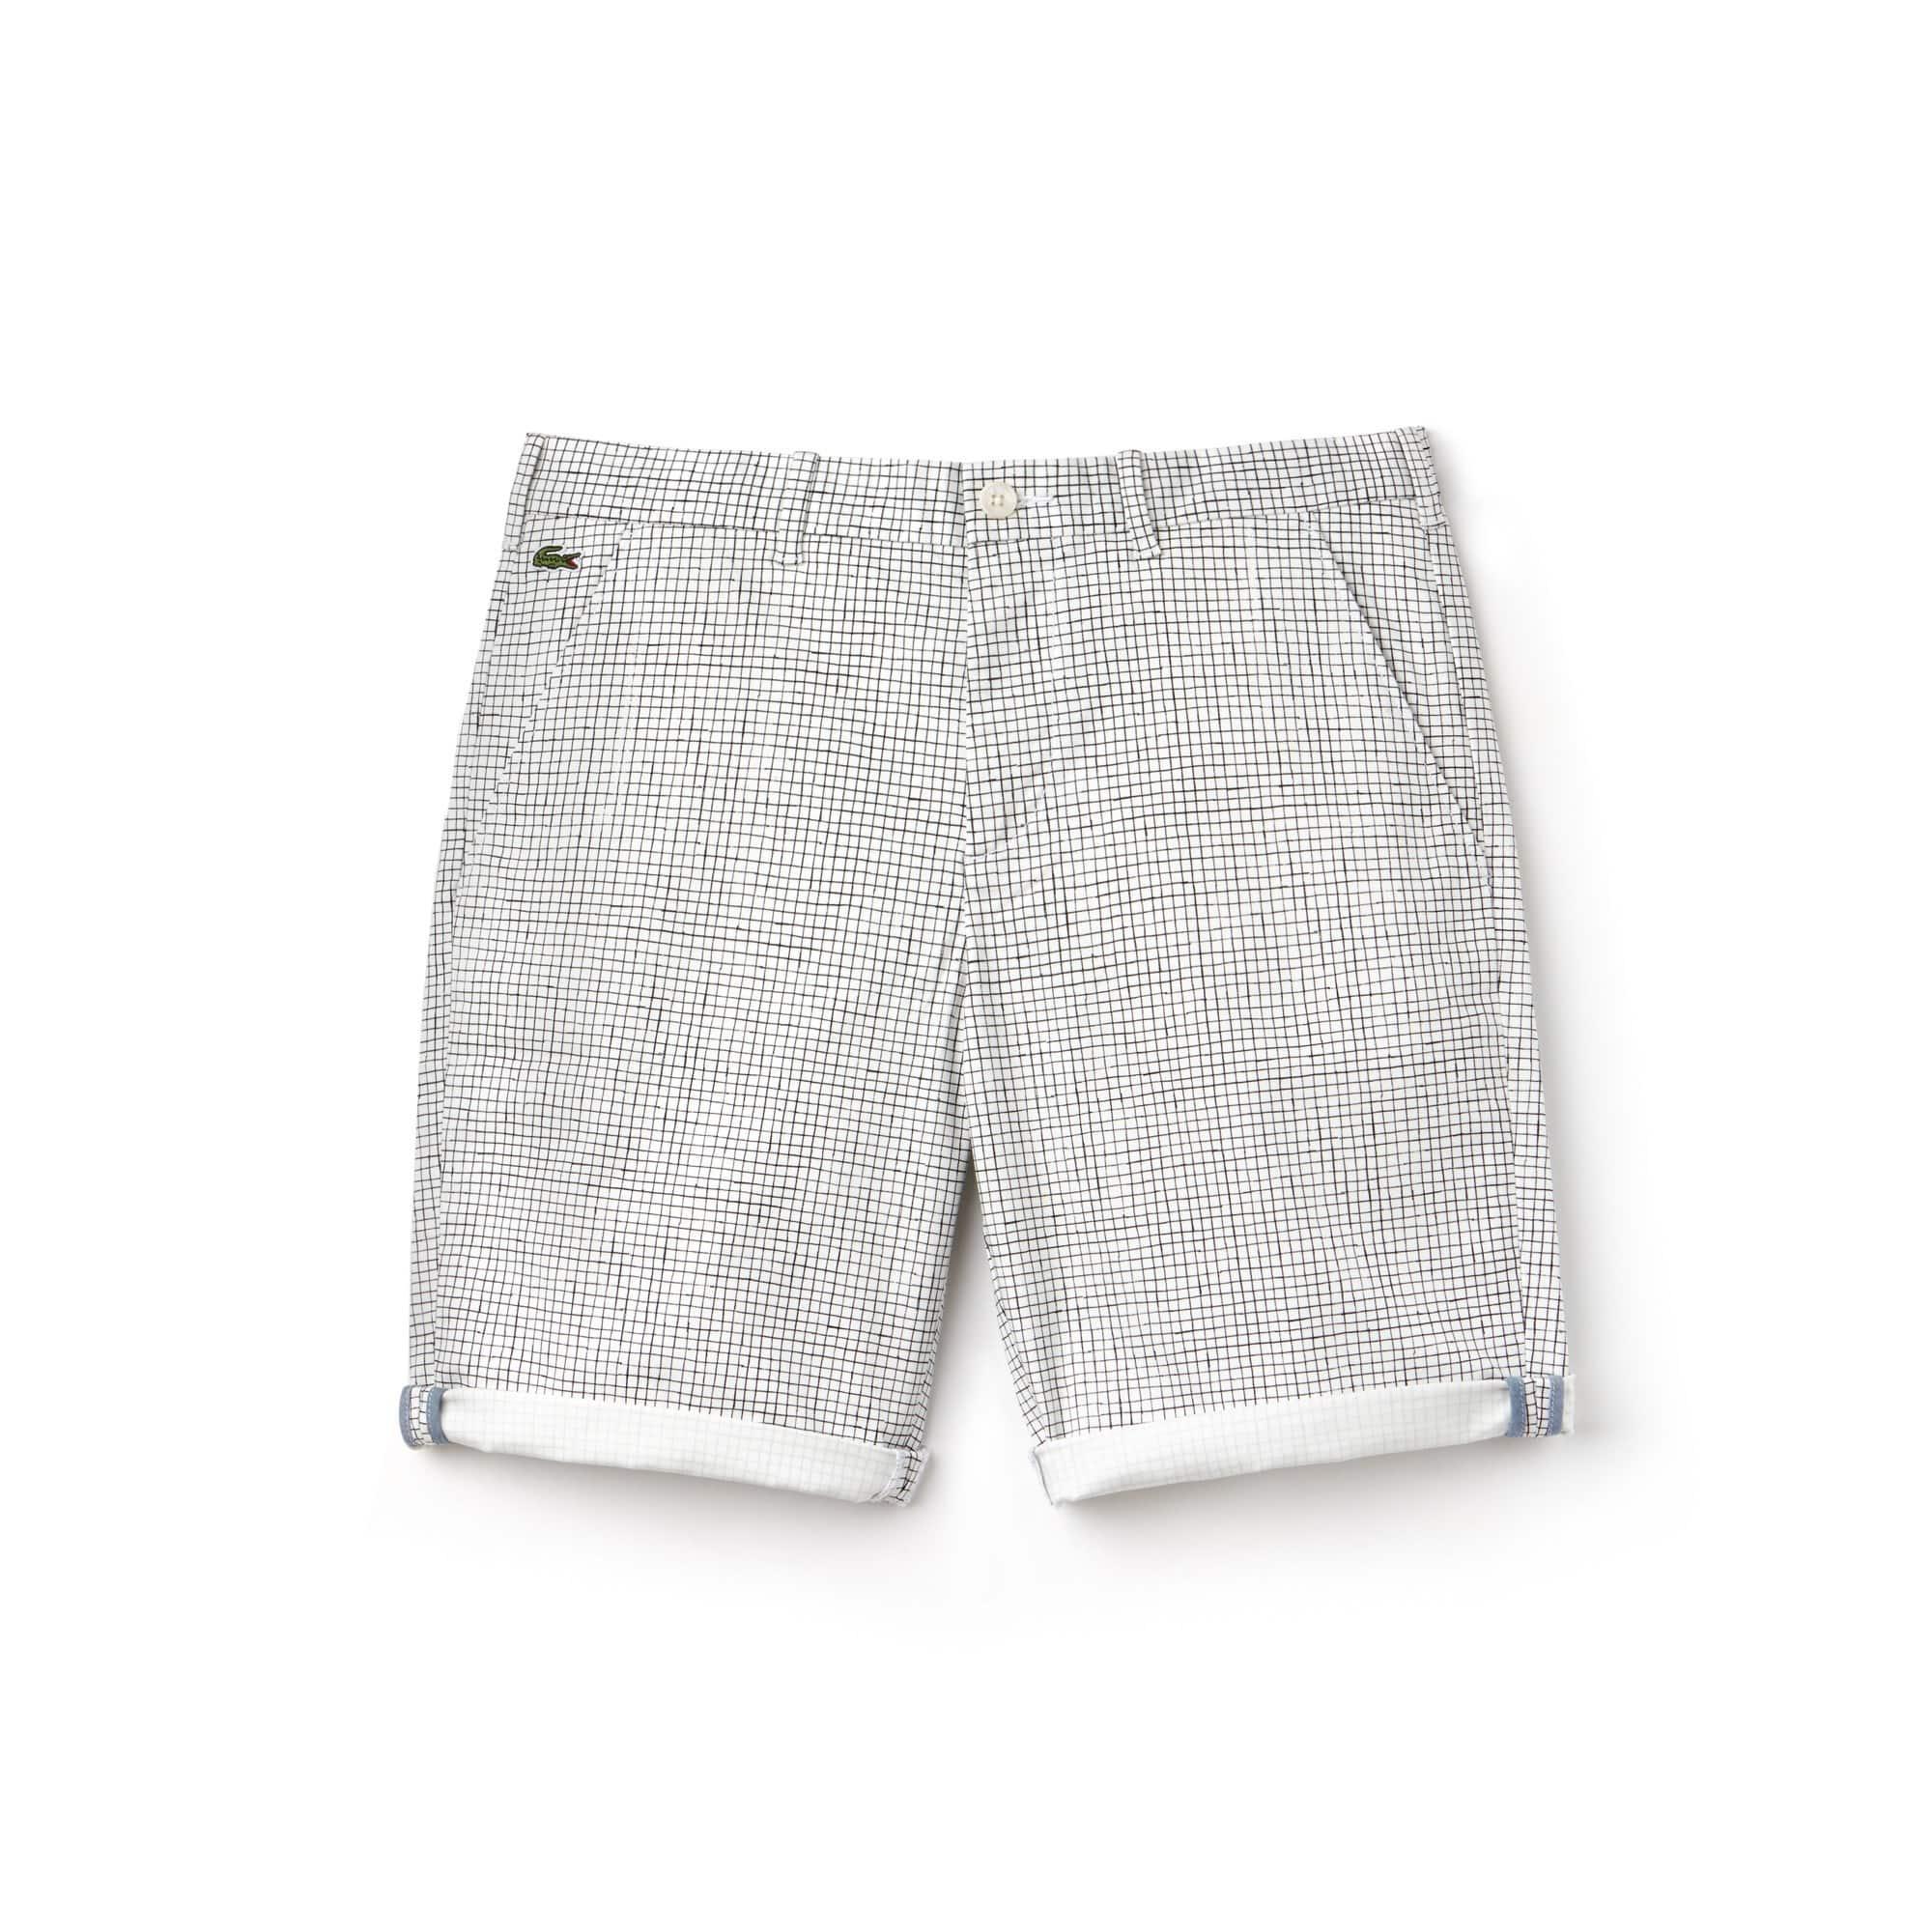 Bermudas Lacoste LIVE em twill de algodão stretch com quadradinhos